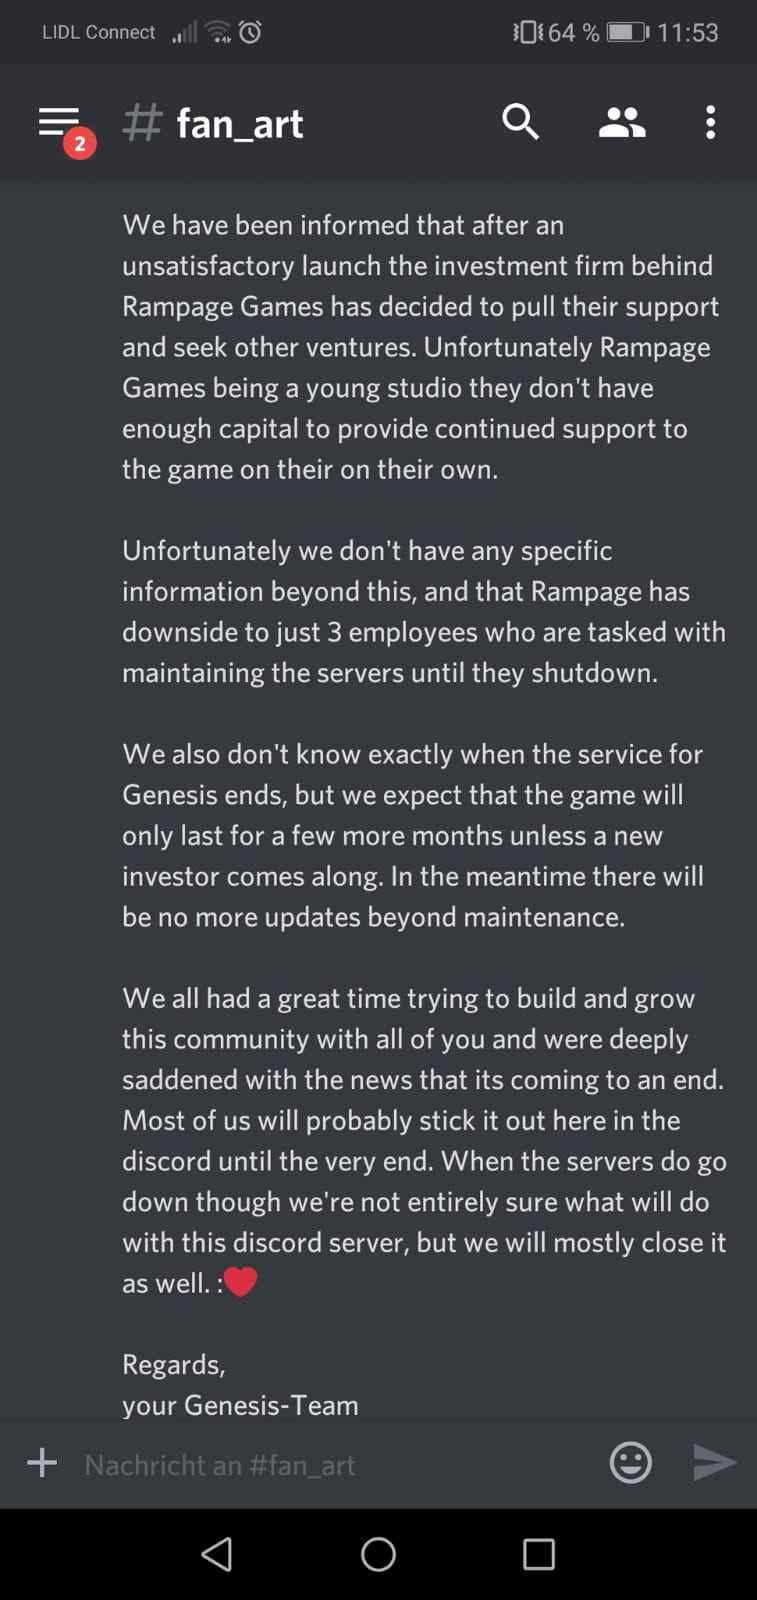 Rampage Games shutting down Genesis game